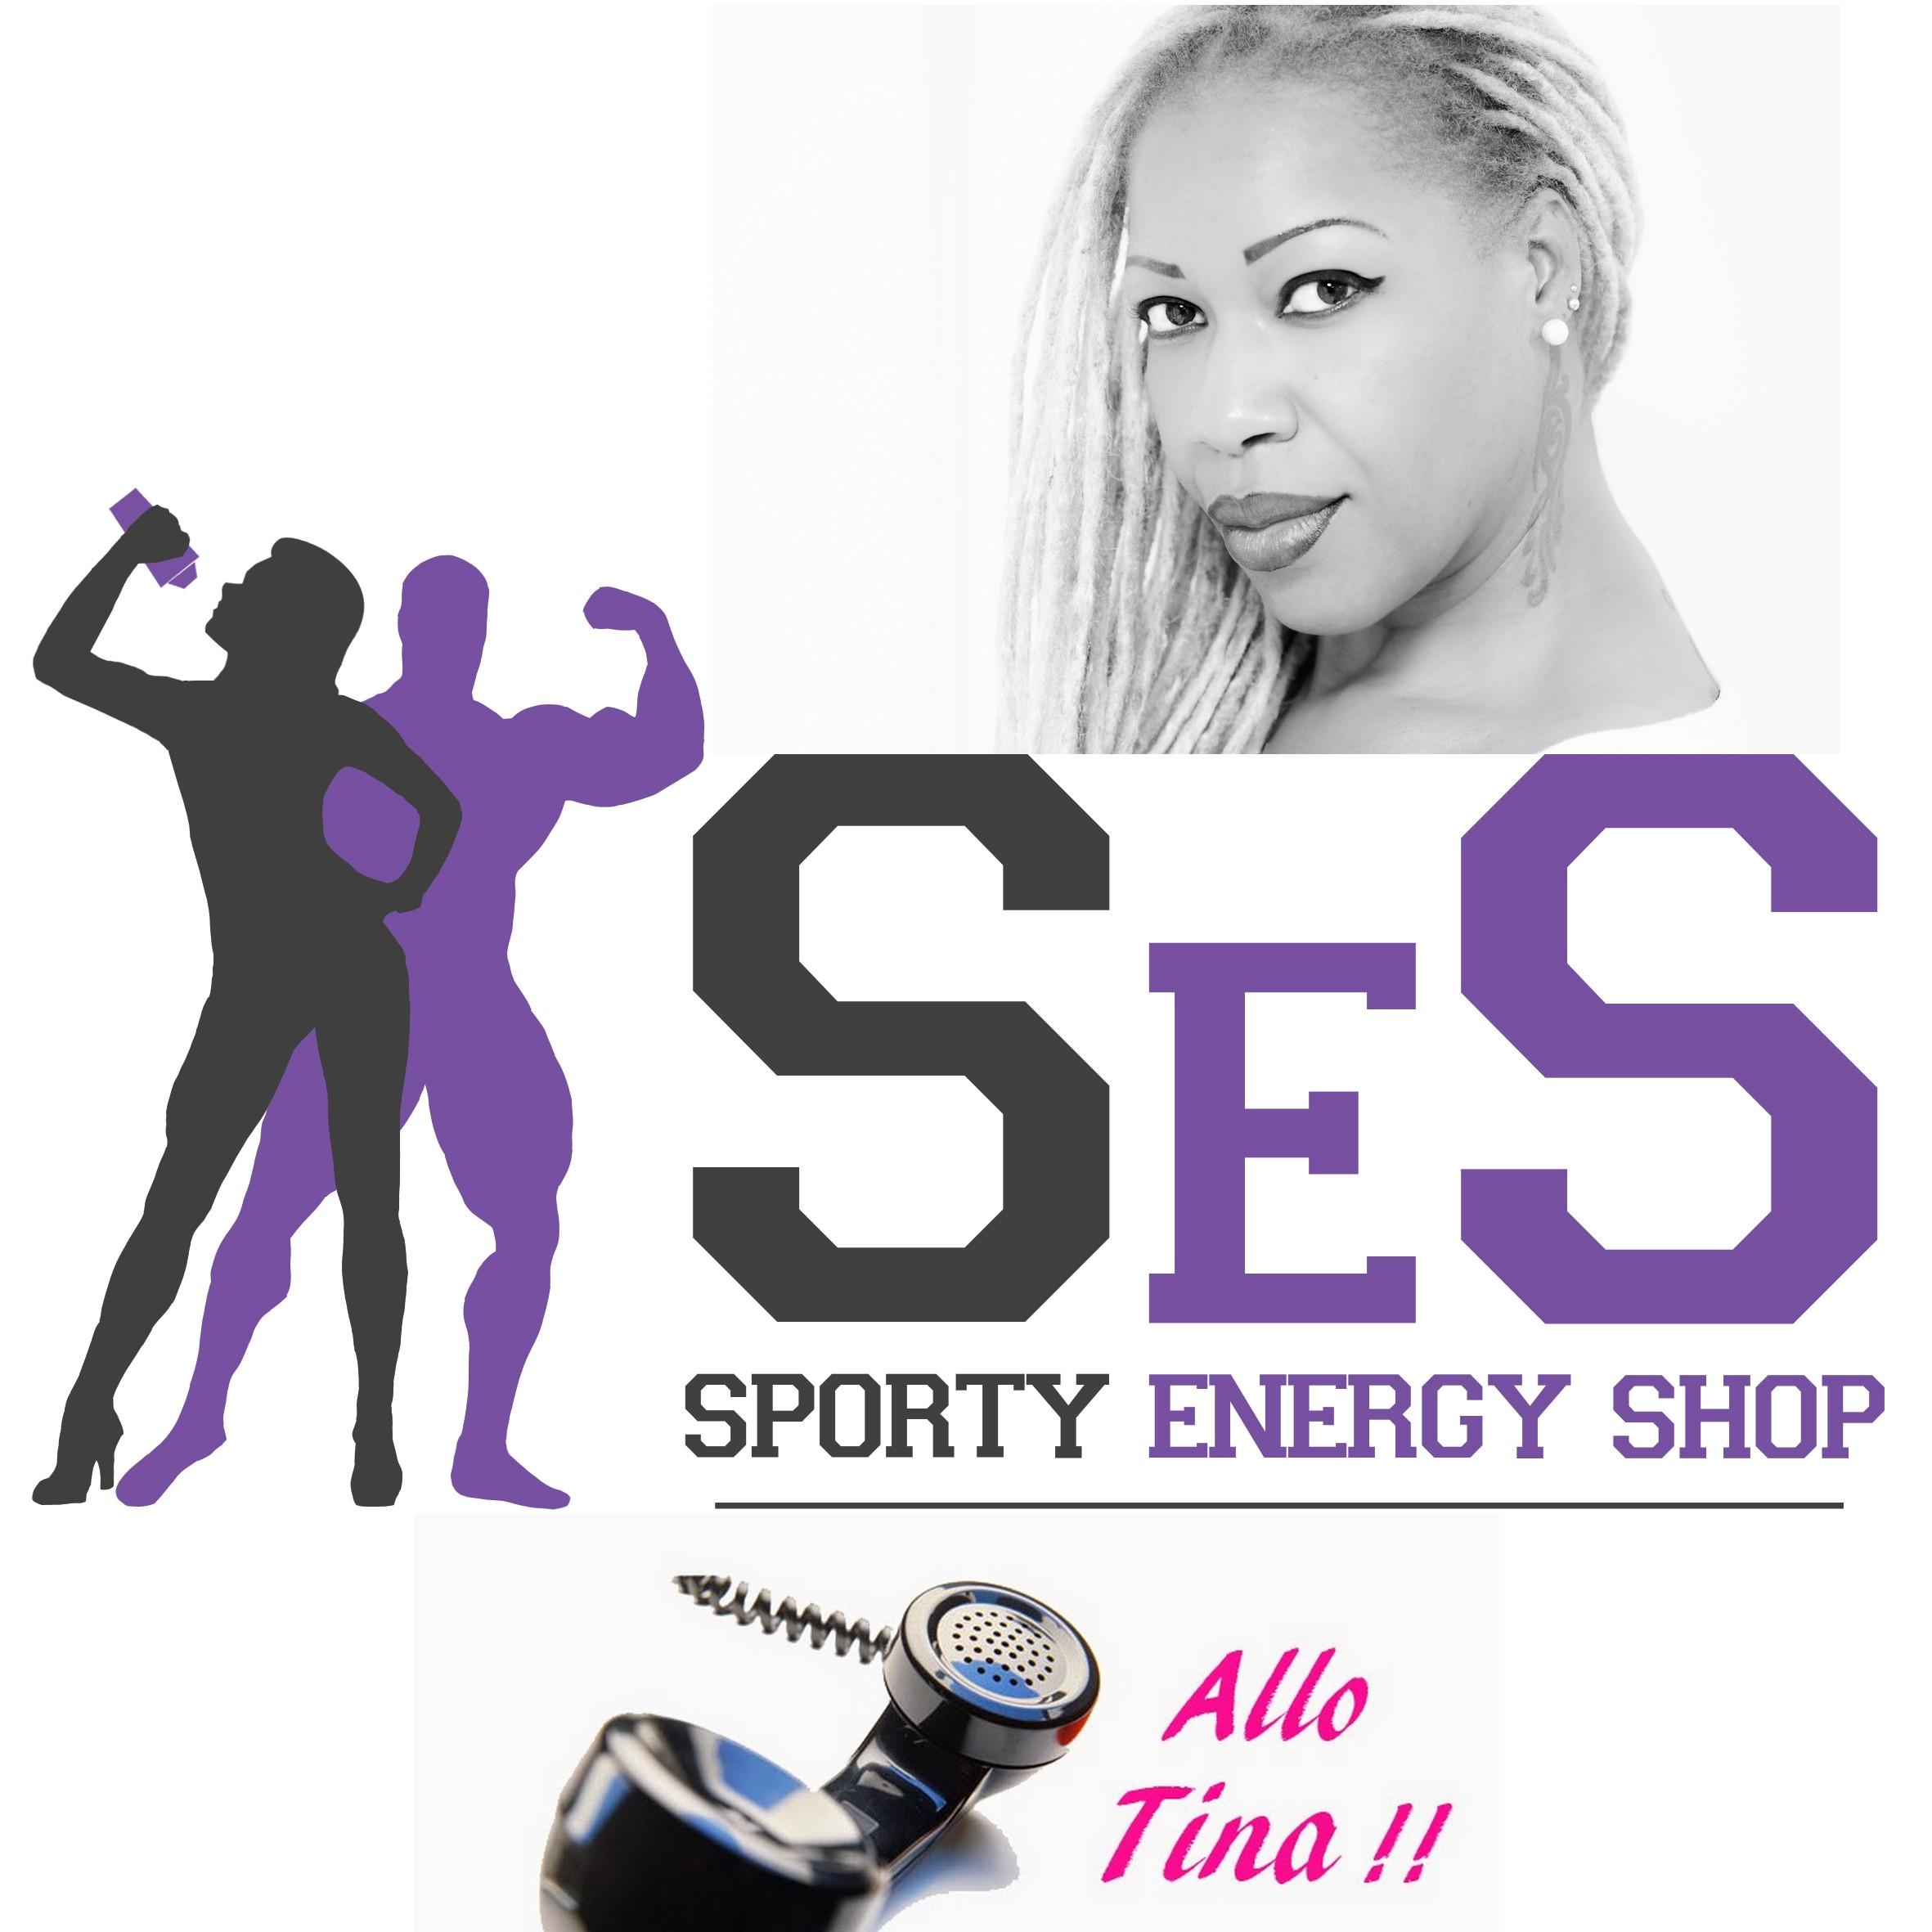 Sporty Energy Shop vêtement de sport : sportswear (détail)